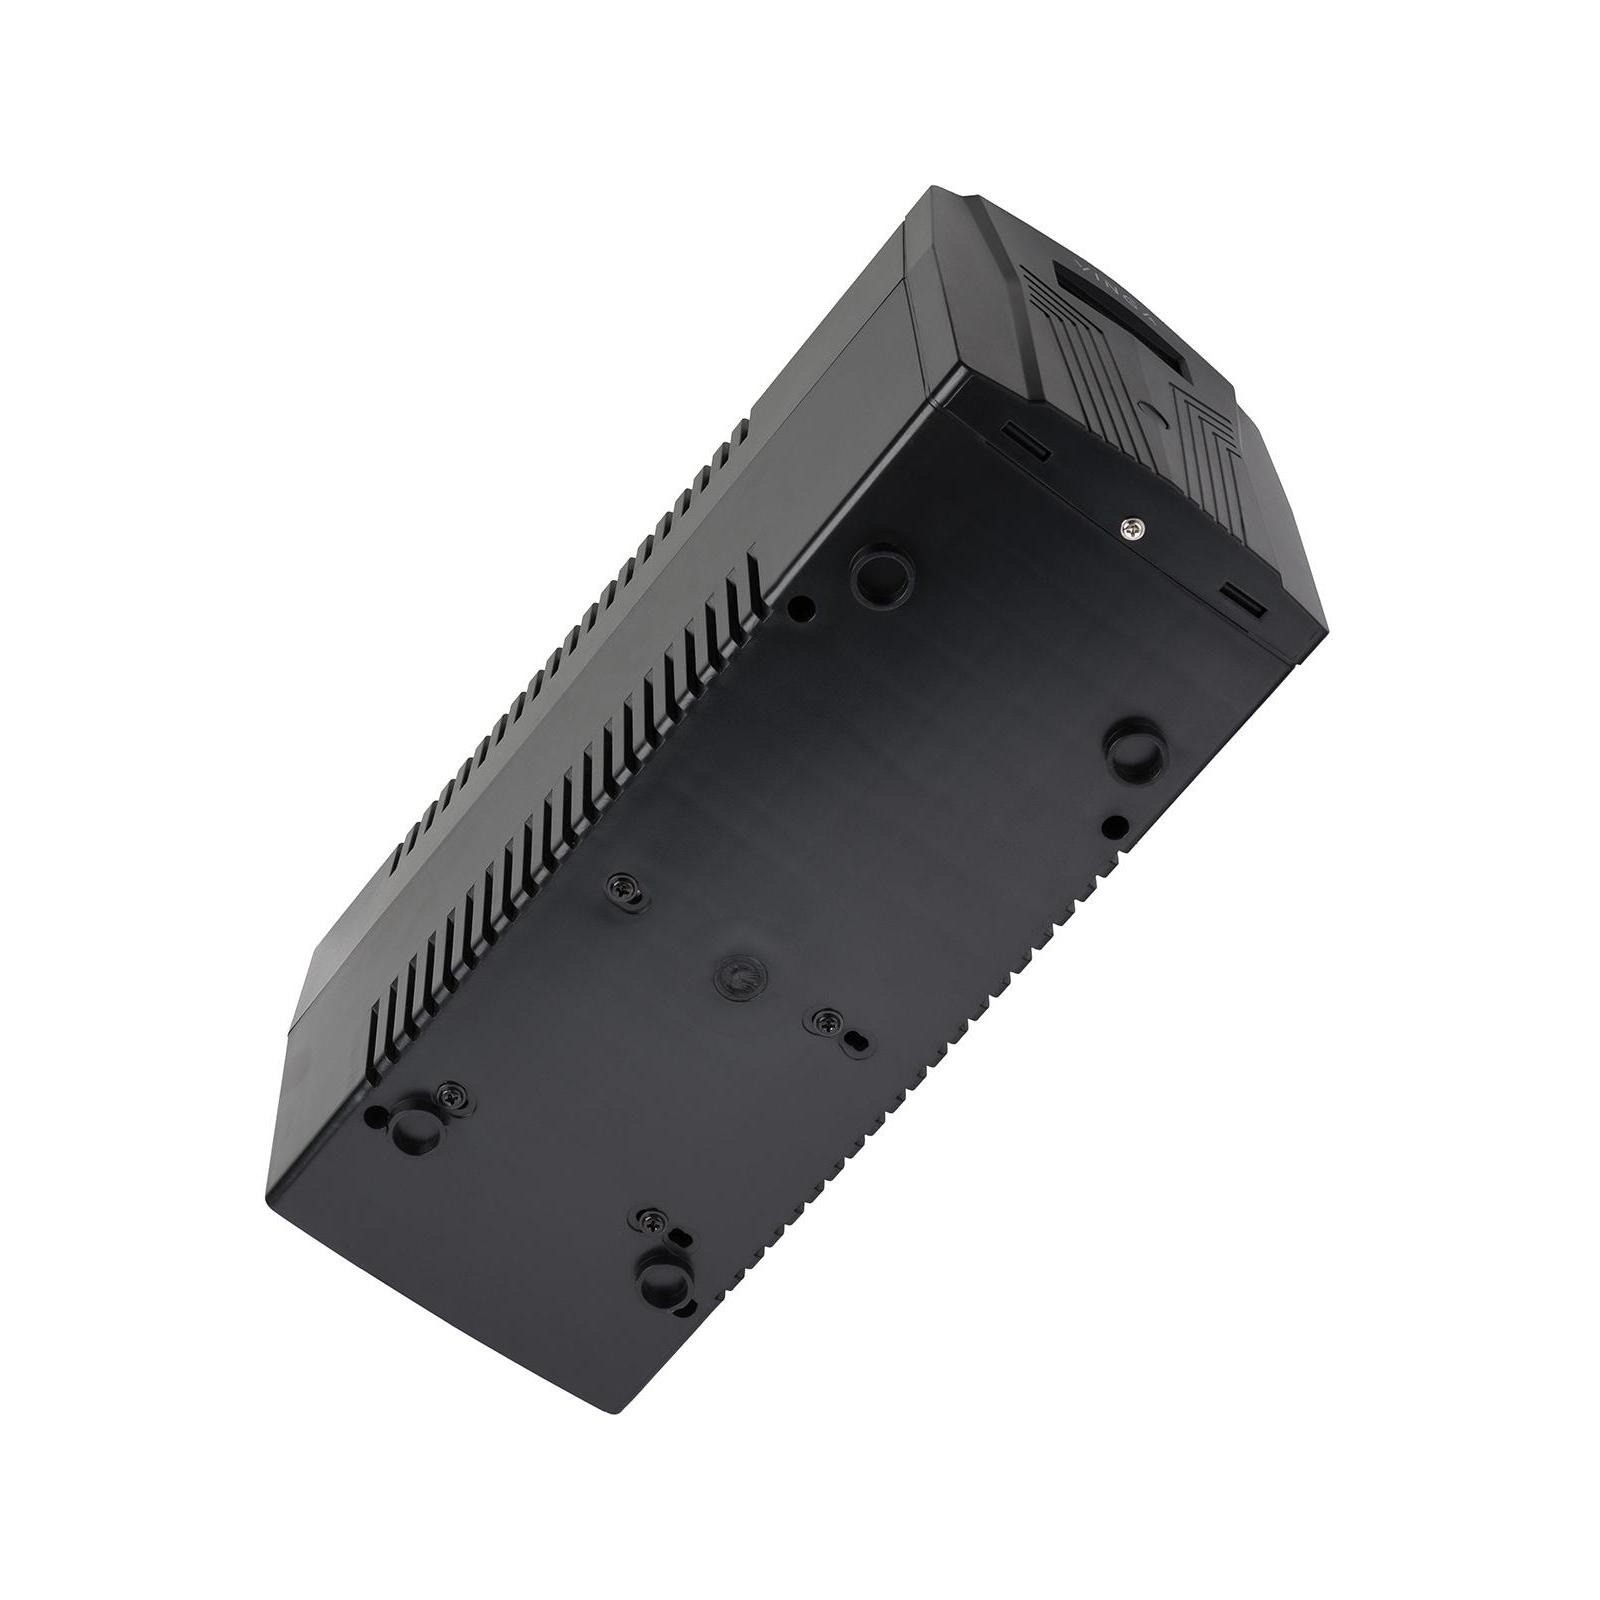 Источник бесперебойного питания Vinga LCD 800VA plastic case with USB (VPC-800PU) изображение 11